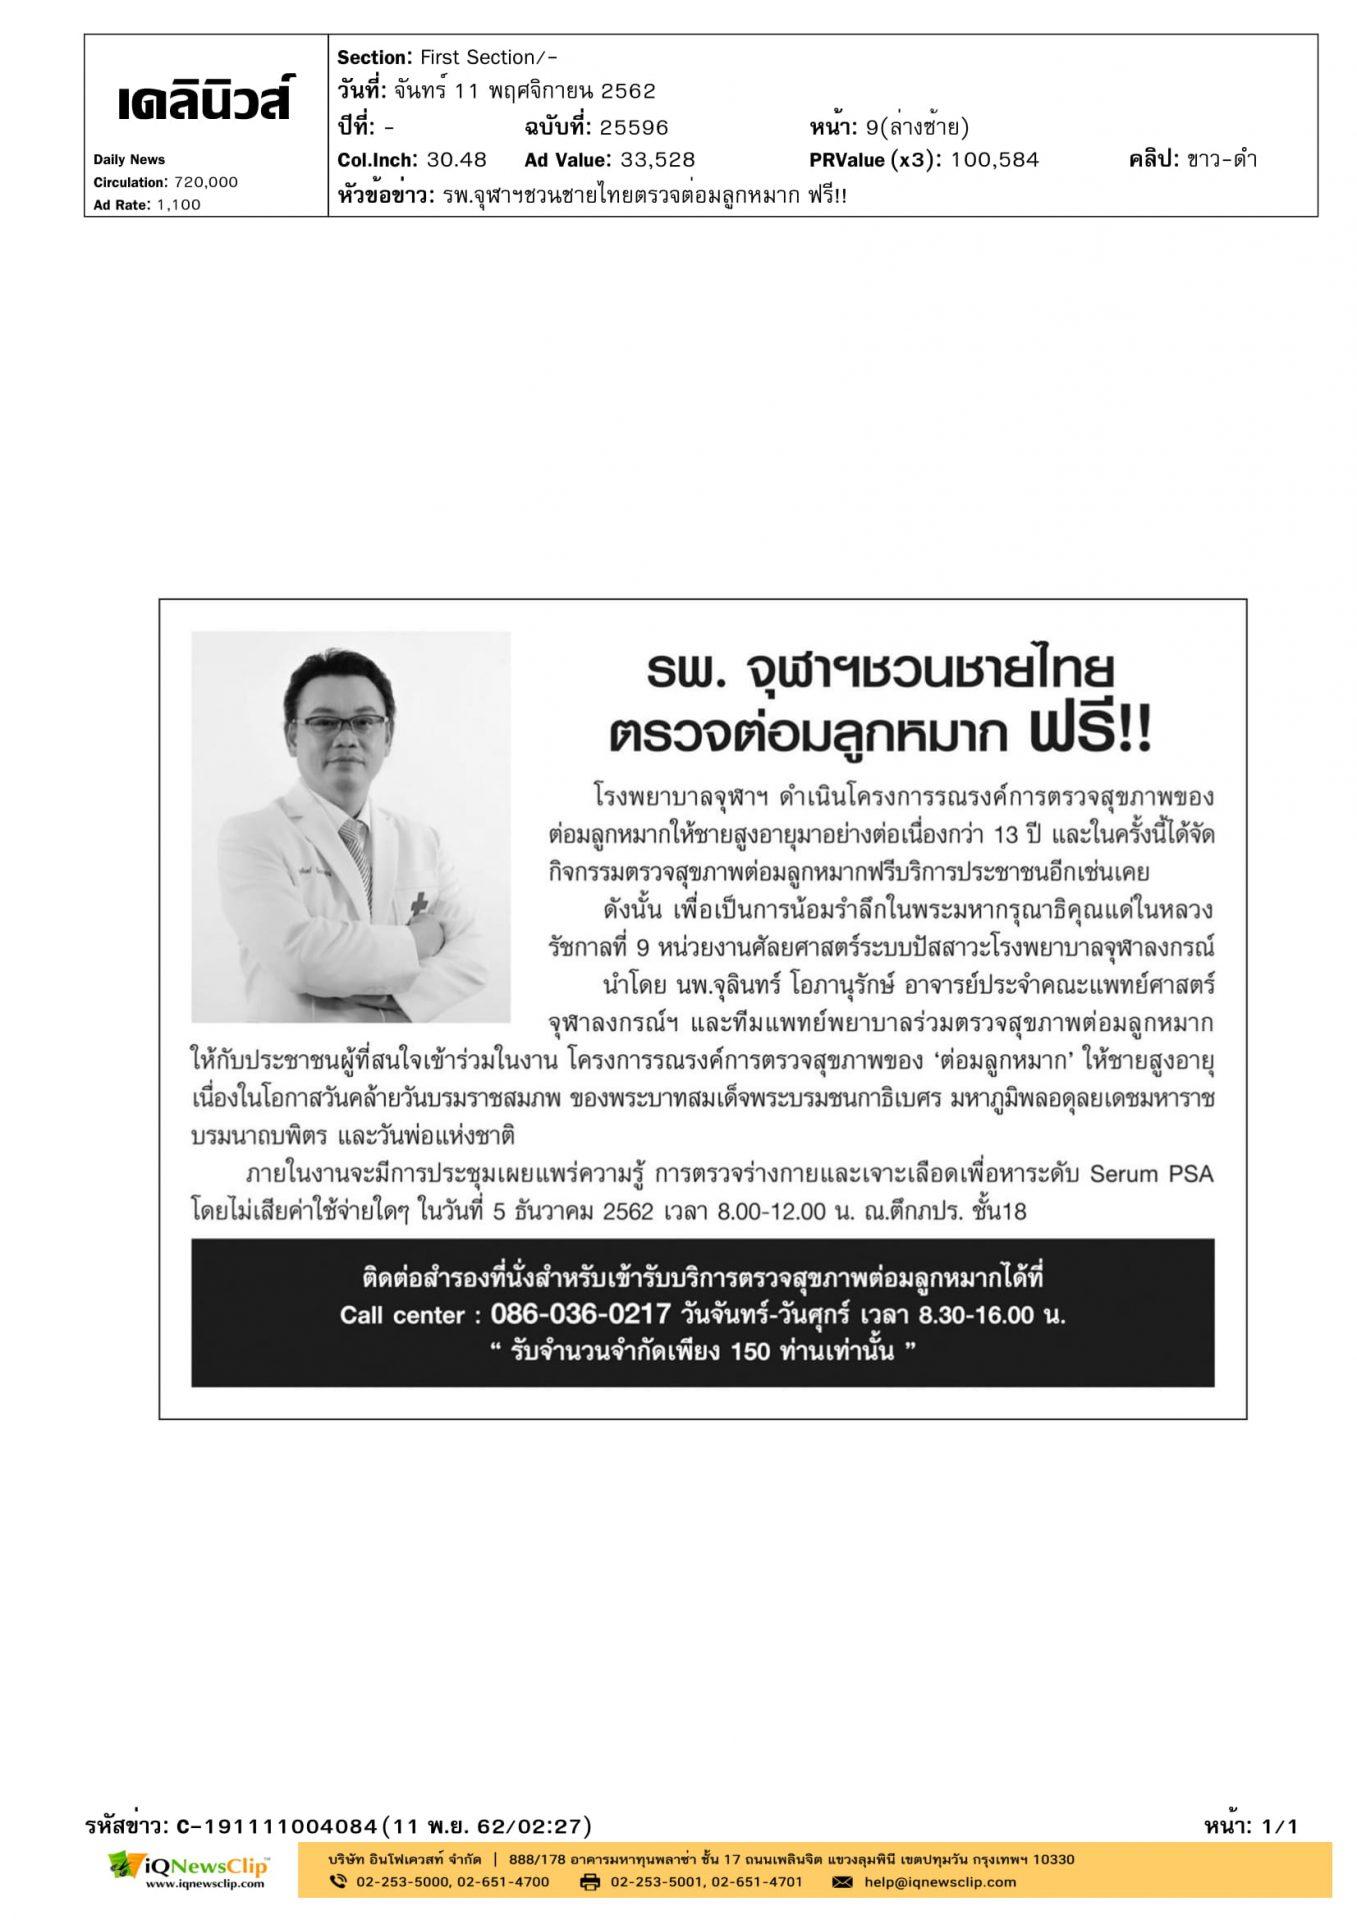 รพ.จุฬาฯ ชวนตรวจสุขภาพต่อมลูกหมากฟรี